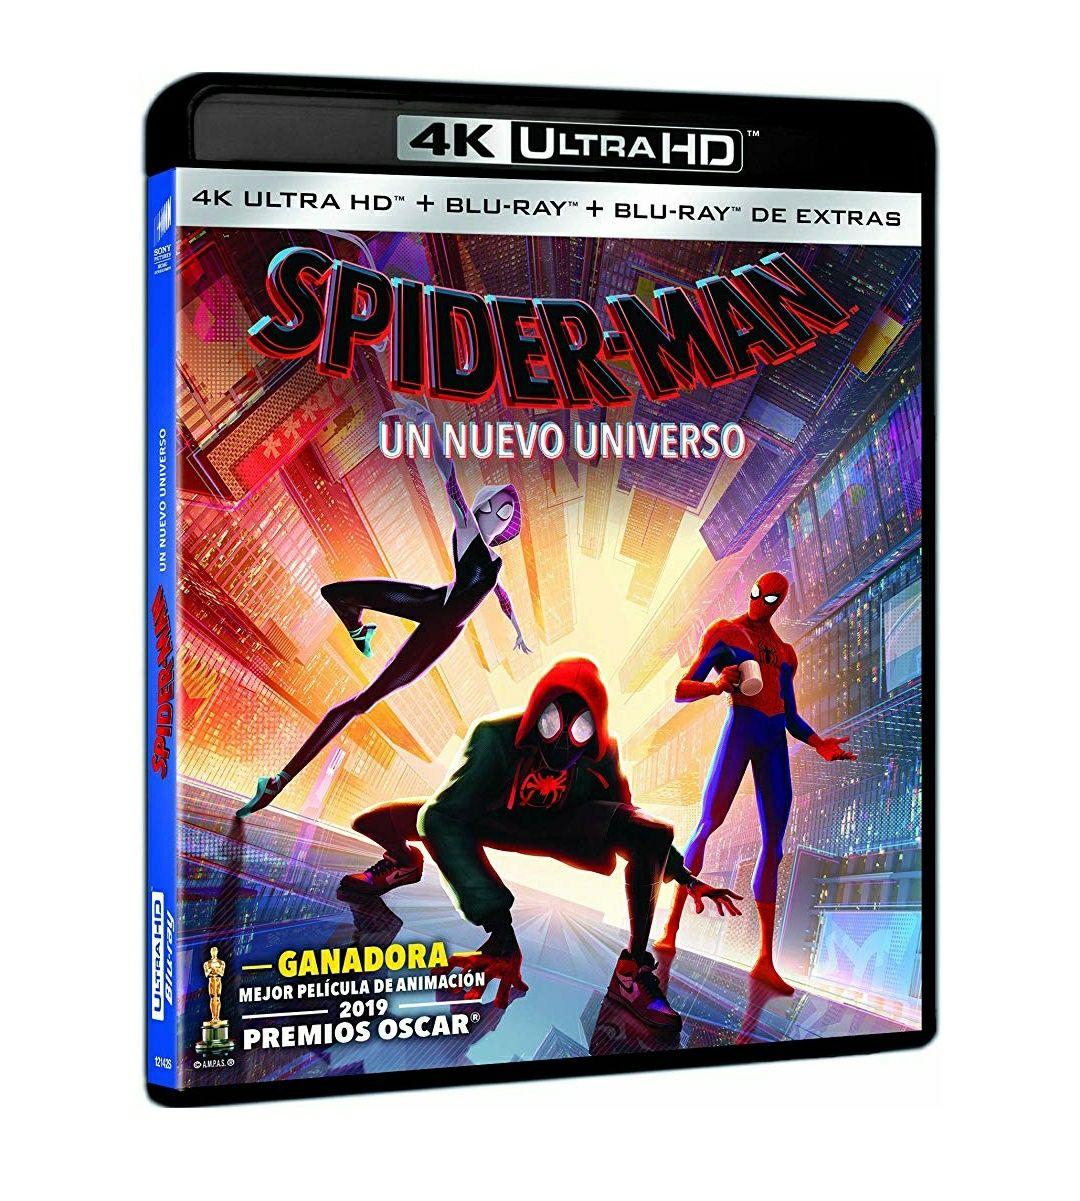 Spiderman: Un nuevo universo 4K Blu-Ray